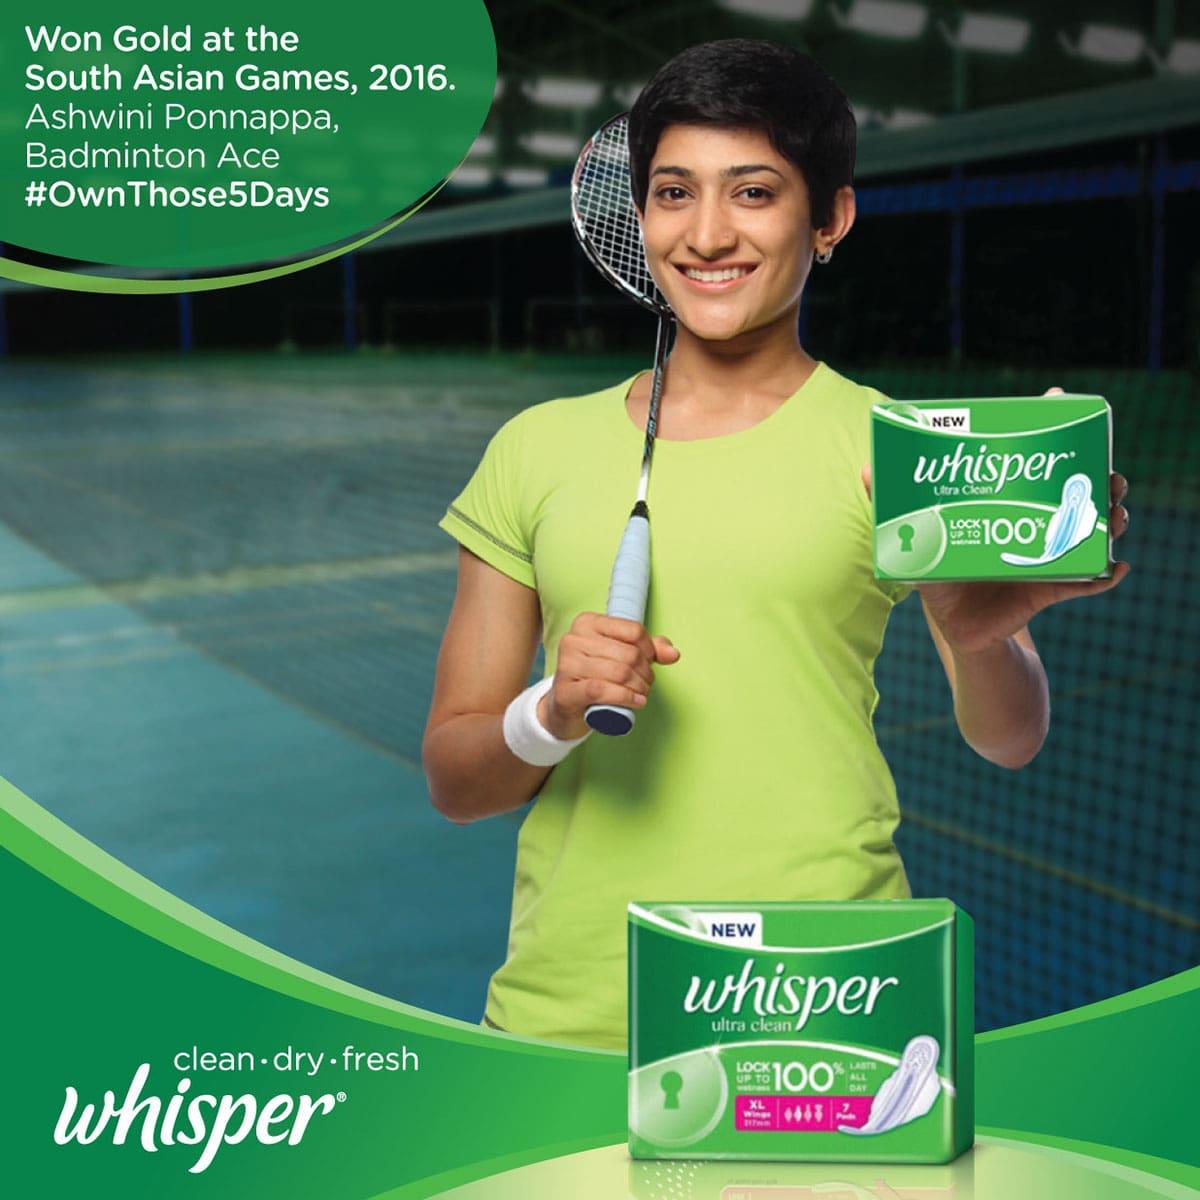 whisper best ads